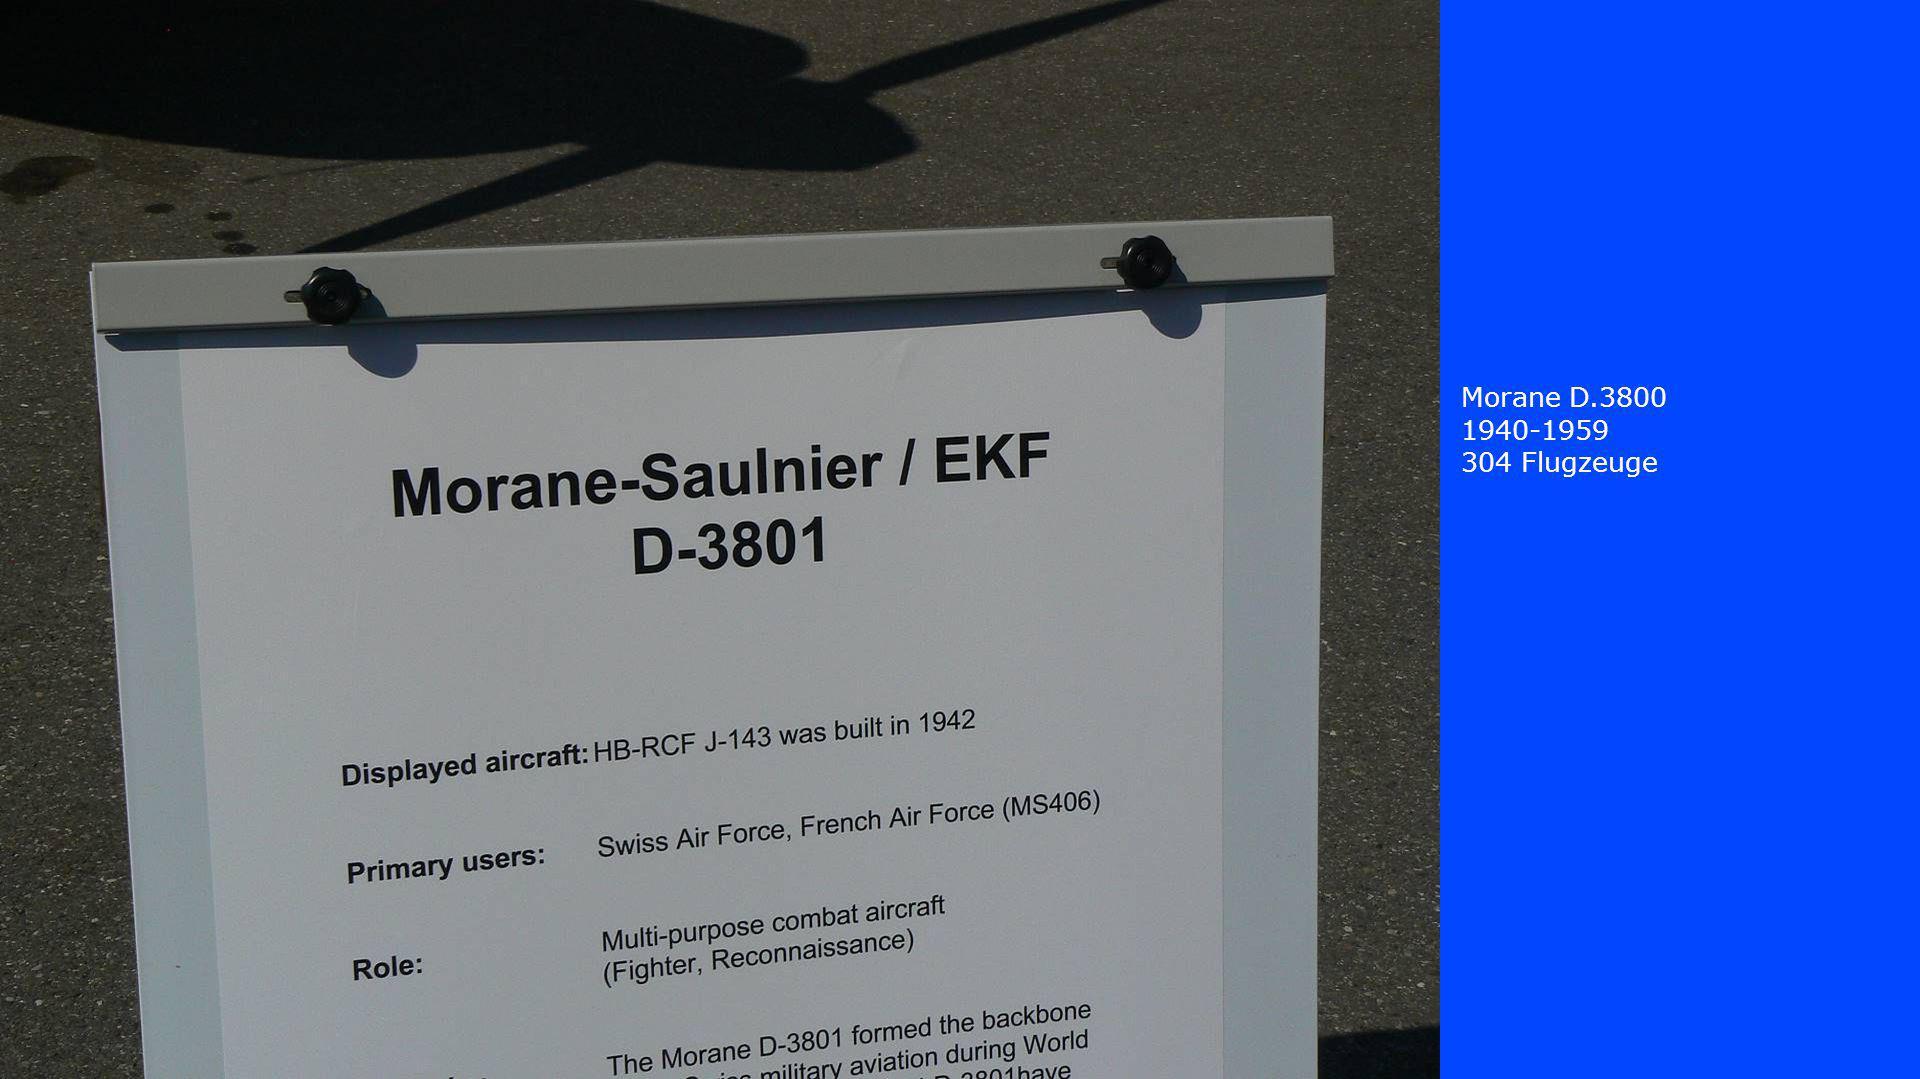 Morane D.3800 1940-1959 304 Flugzeuge